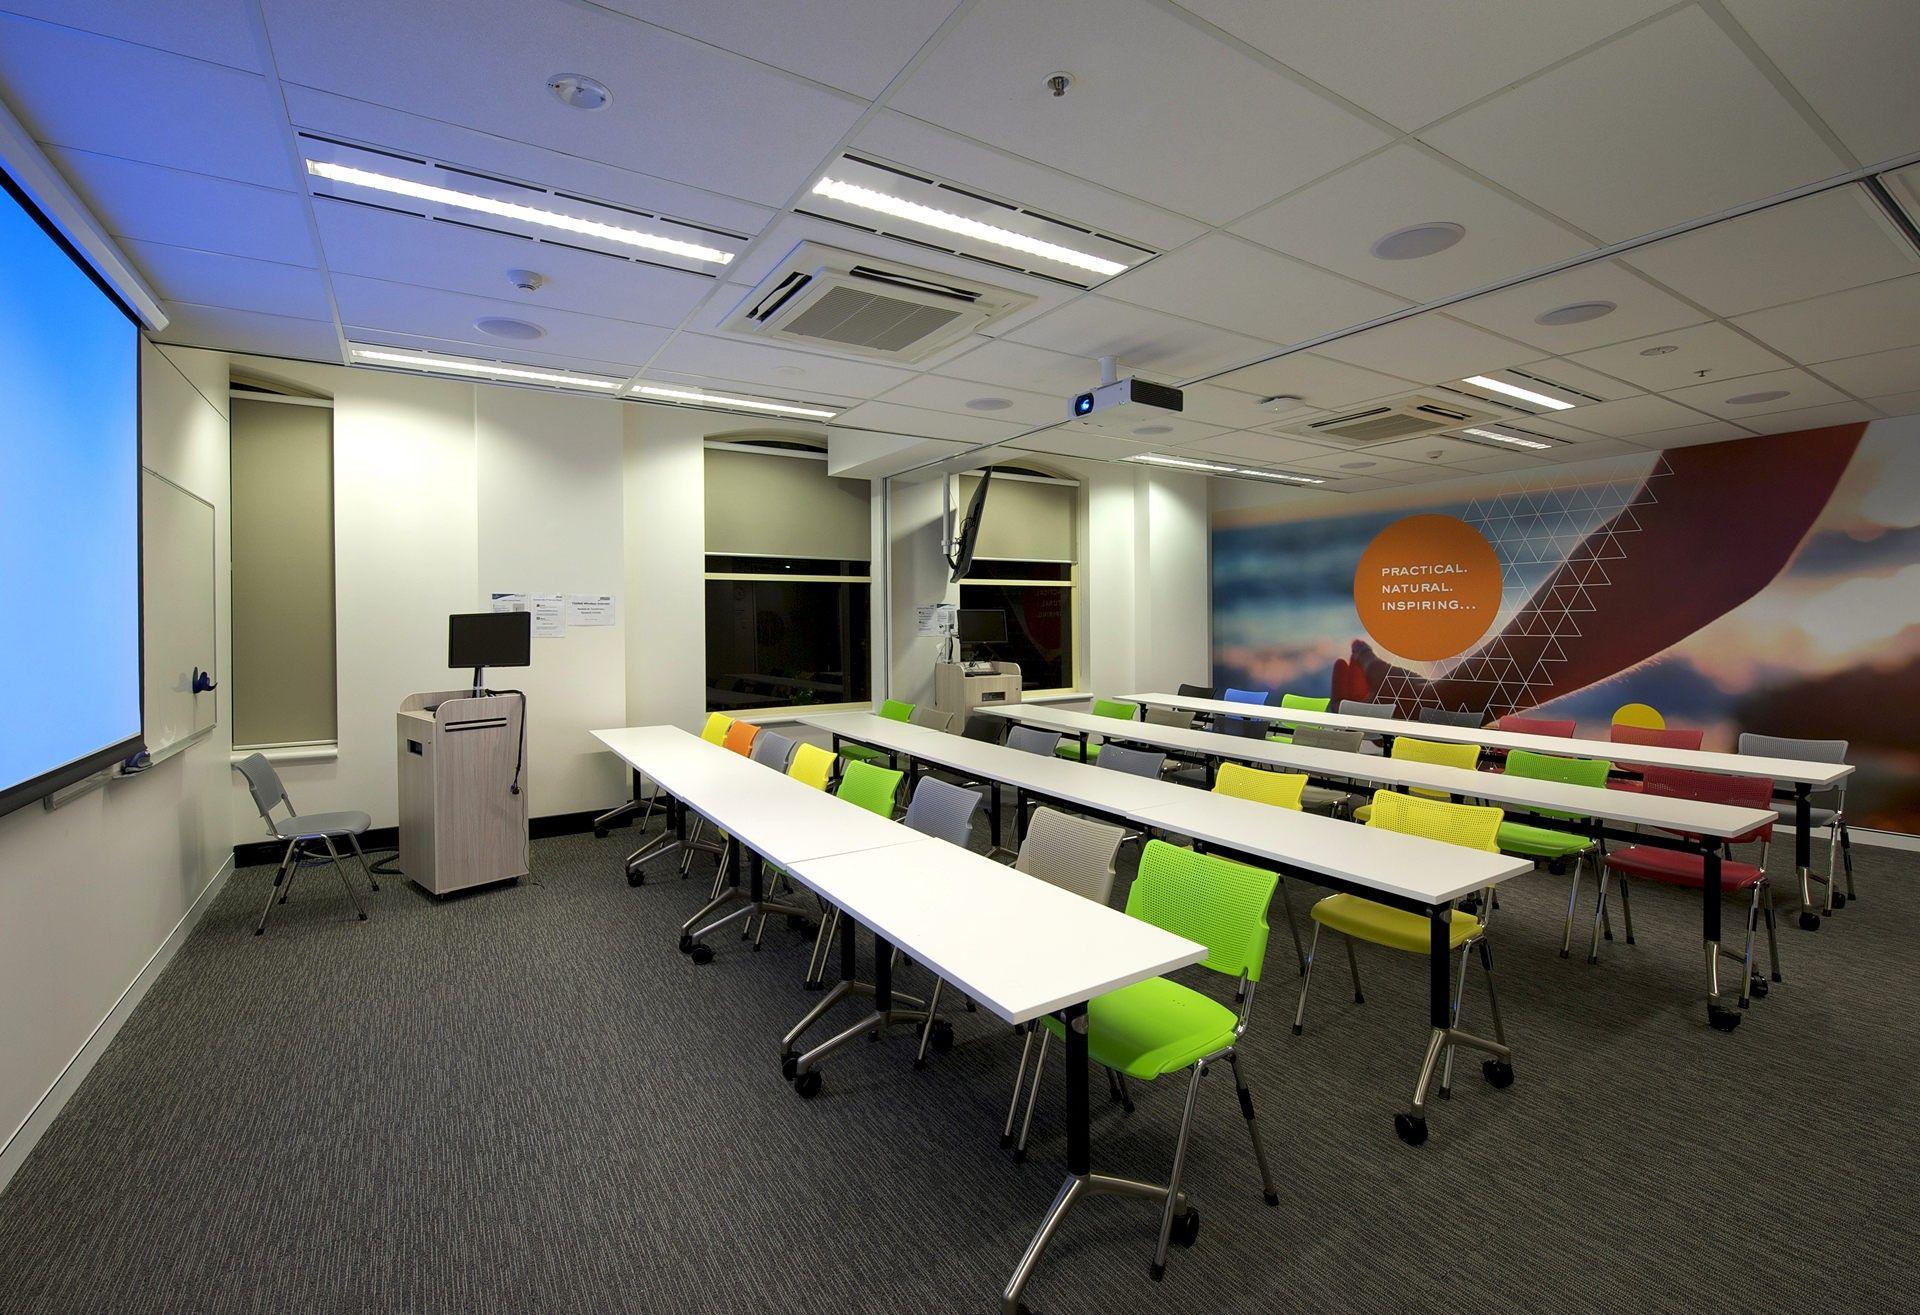 Interior Design Training Part - 16: Training Room | Fitout Training Room 2 Melbourne School College Fitout  Trainingu2026